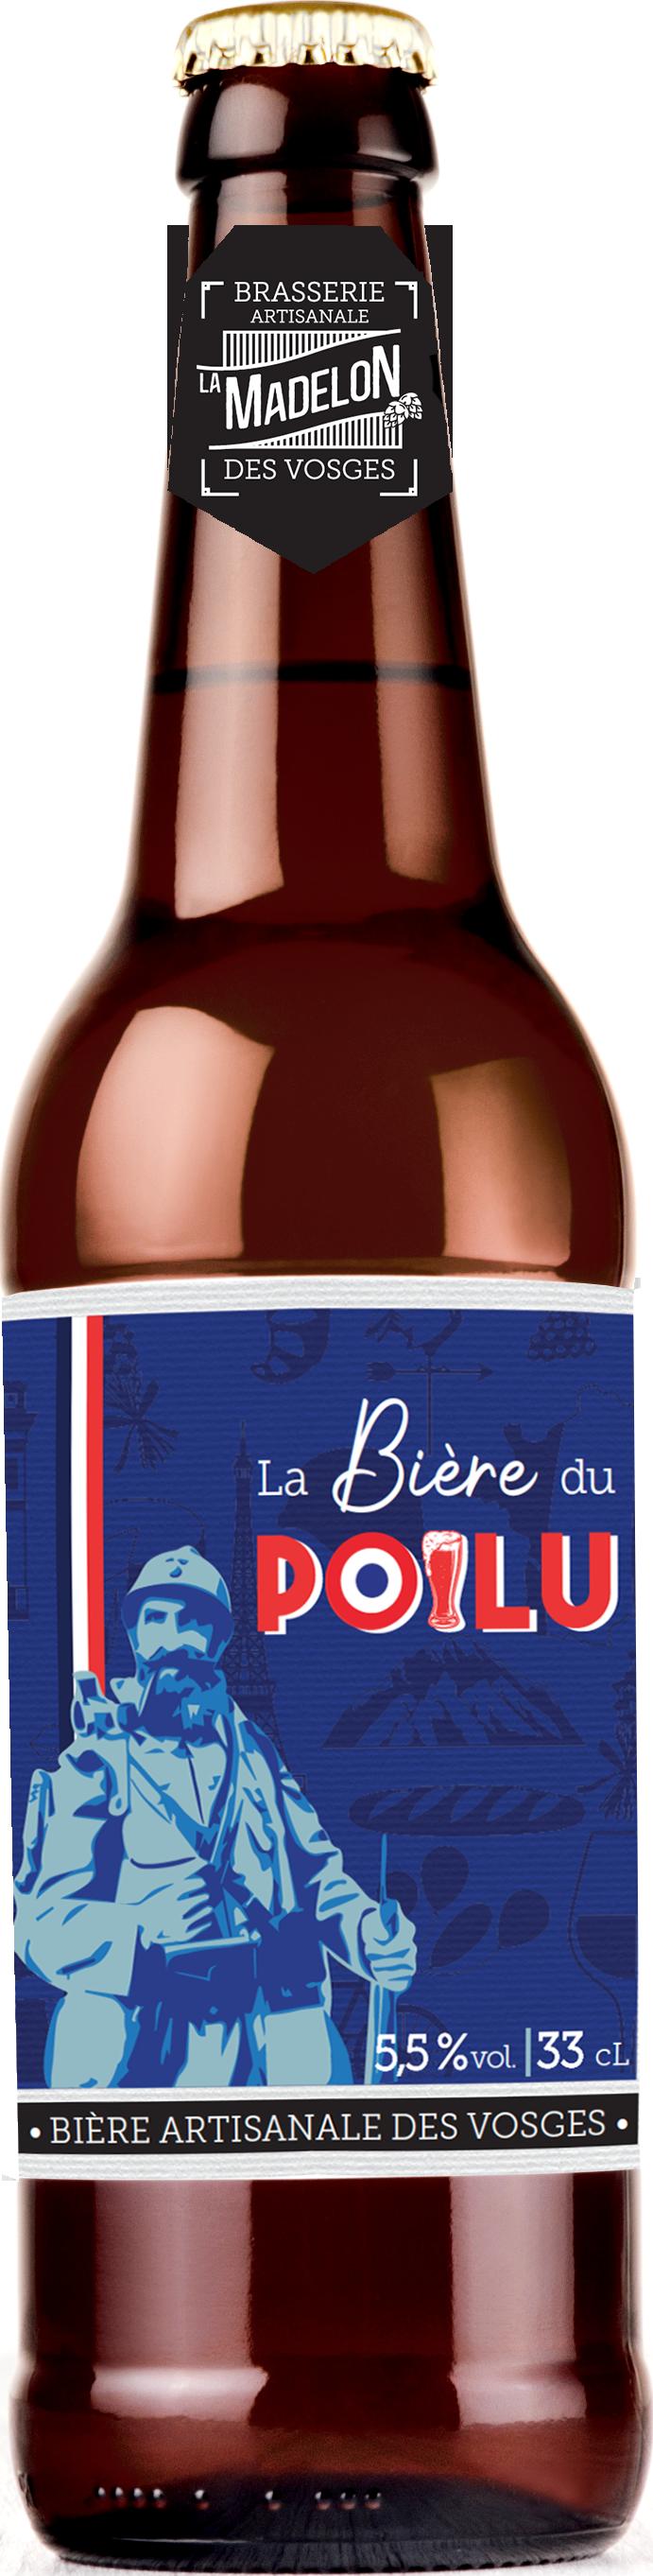 La bière du poilu